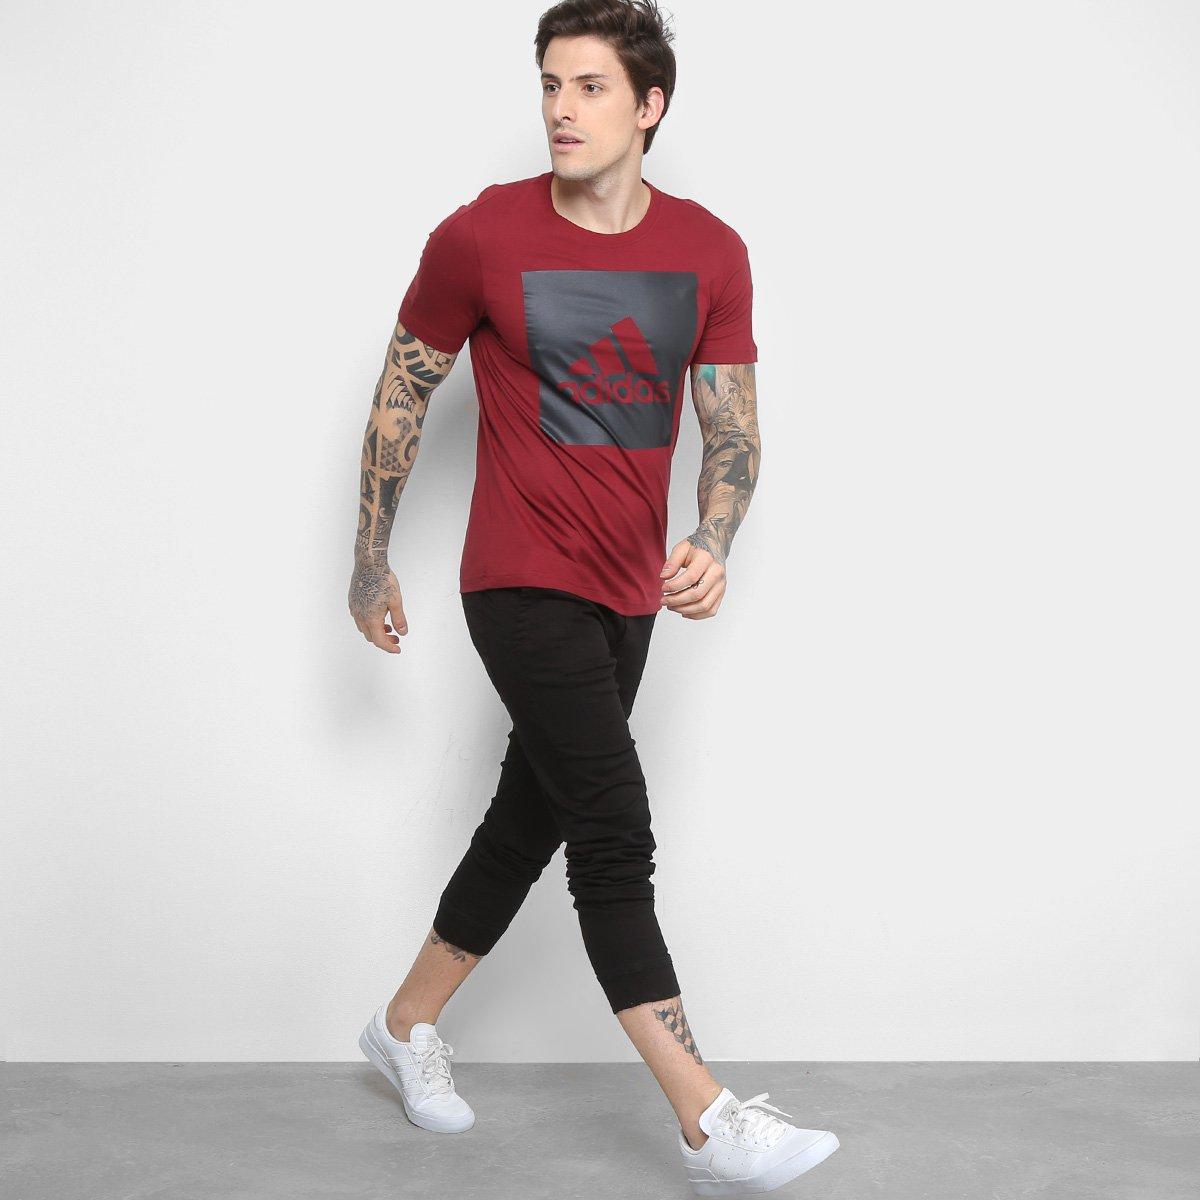 6c76a83f5e Camiseta Adidas Manga Curta Masculina - Compre Agora